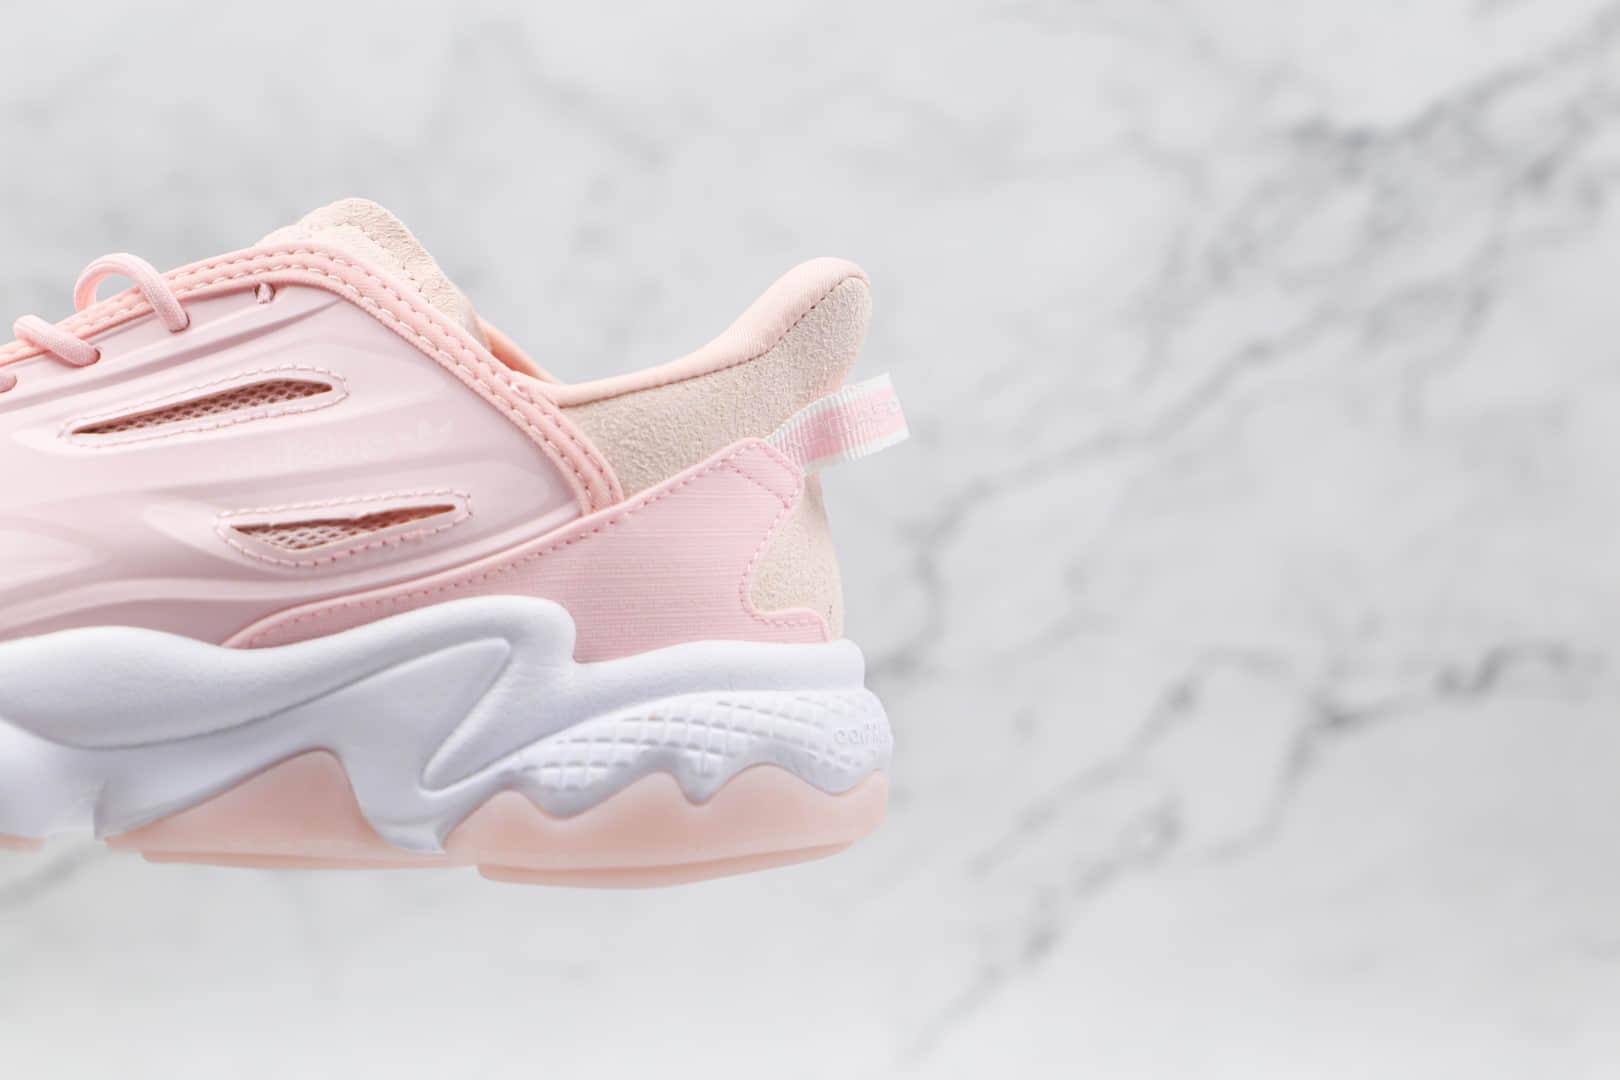 阿迪达斯Adidas original Ozweego Celox纯原版本水管二代皮面粉色复古老爹鞋原盒原标原楦头纸板打造 货号:G57967